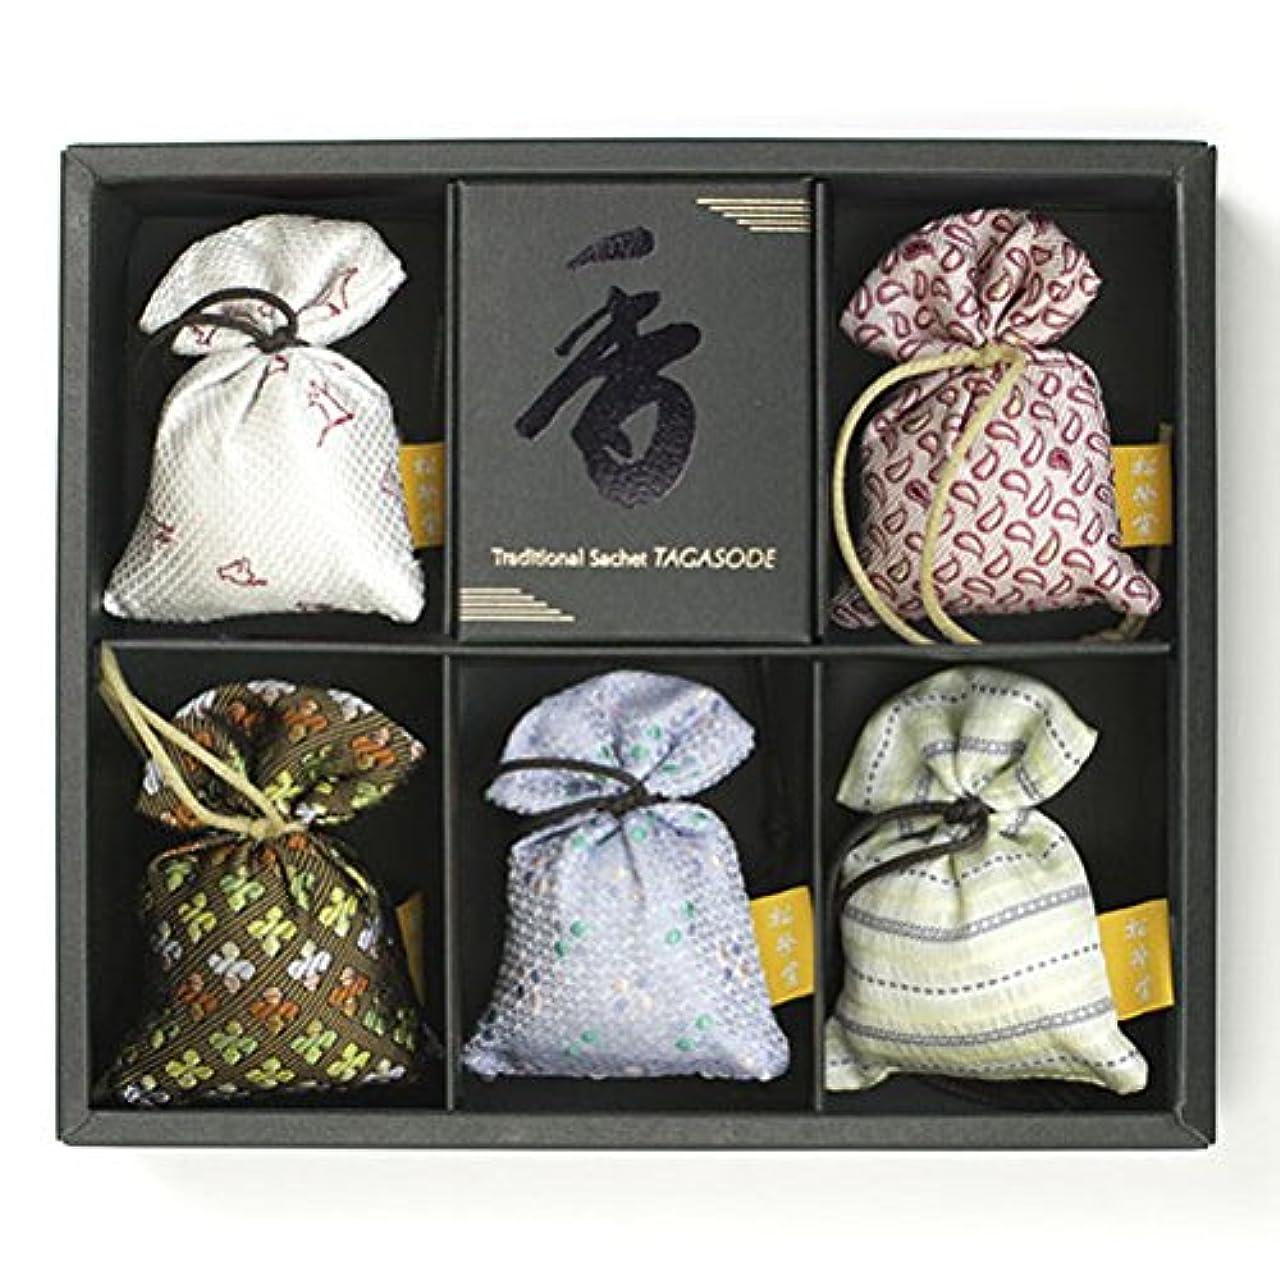 大胆なに対応するインチ匂い袋 誰が袖 薫 かおる 5個入 松栄堂 Shoyeido 本体長さ60mm